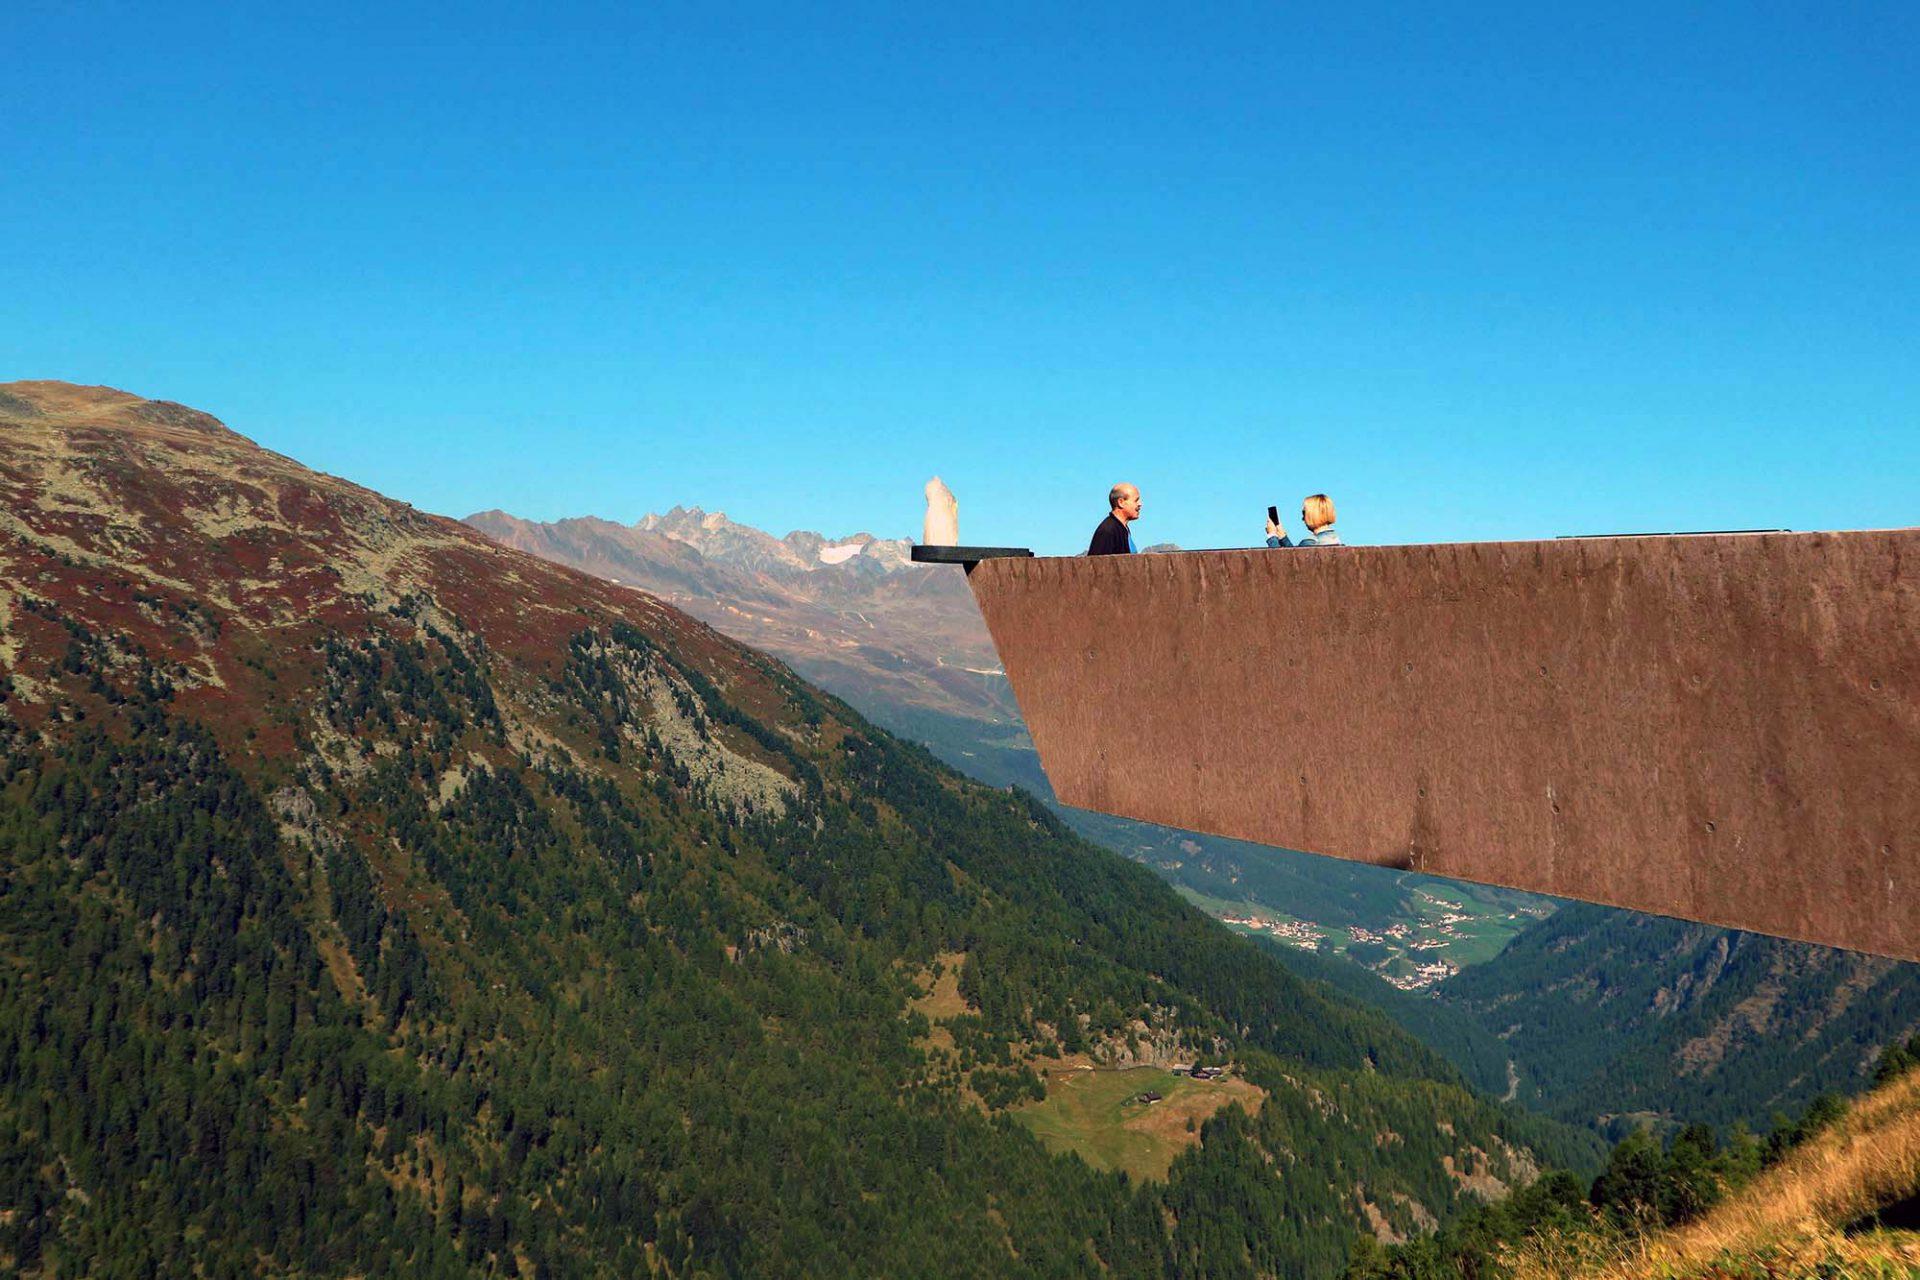 Timmelsjoch Erfahrung. Vor ihm breitet sich das Panorama über das hintere Ötztal und das Skigebiet Hochgurgl/Obergurgl aus.